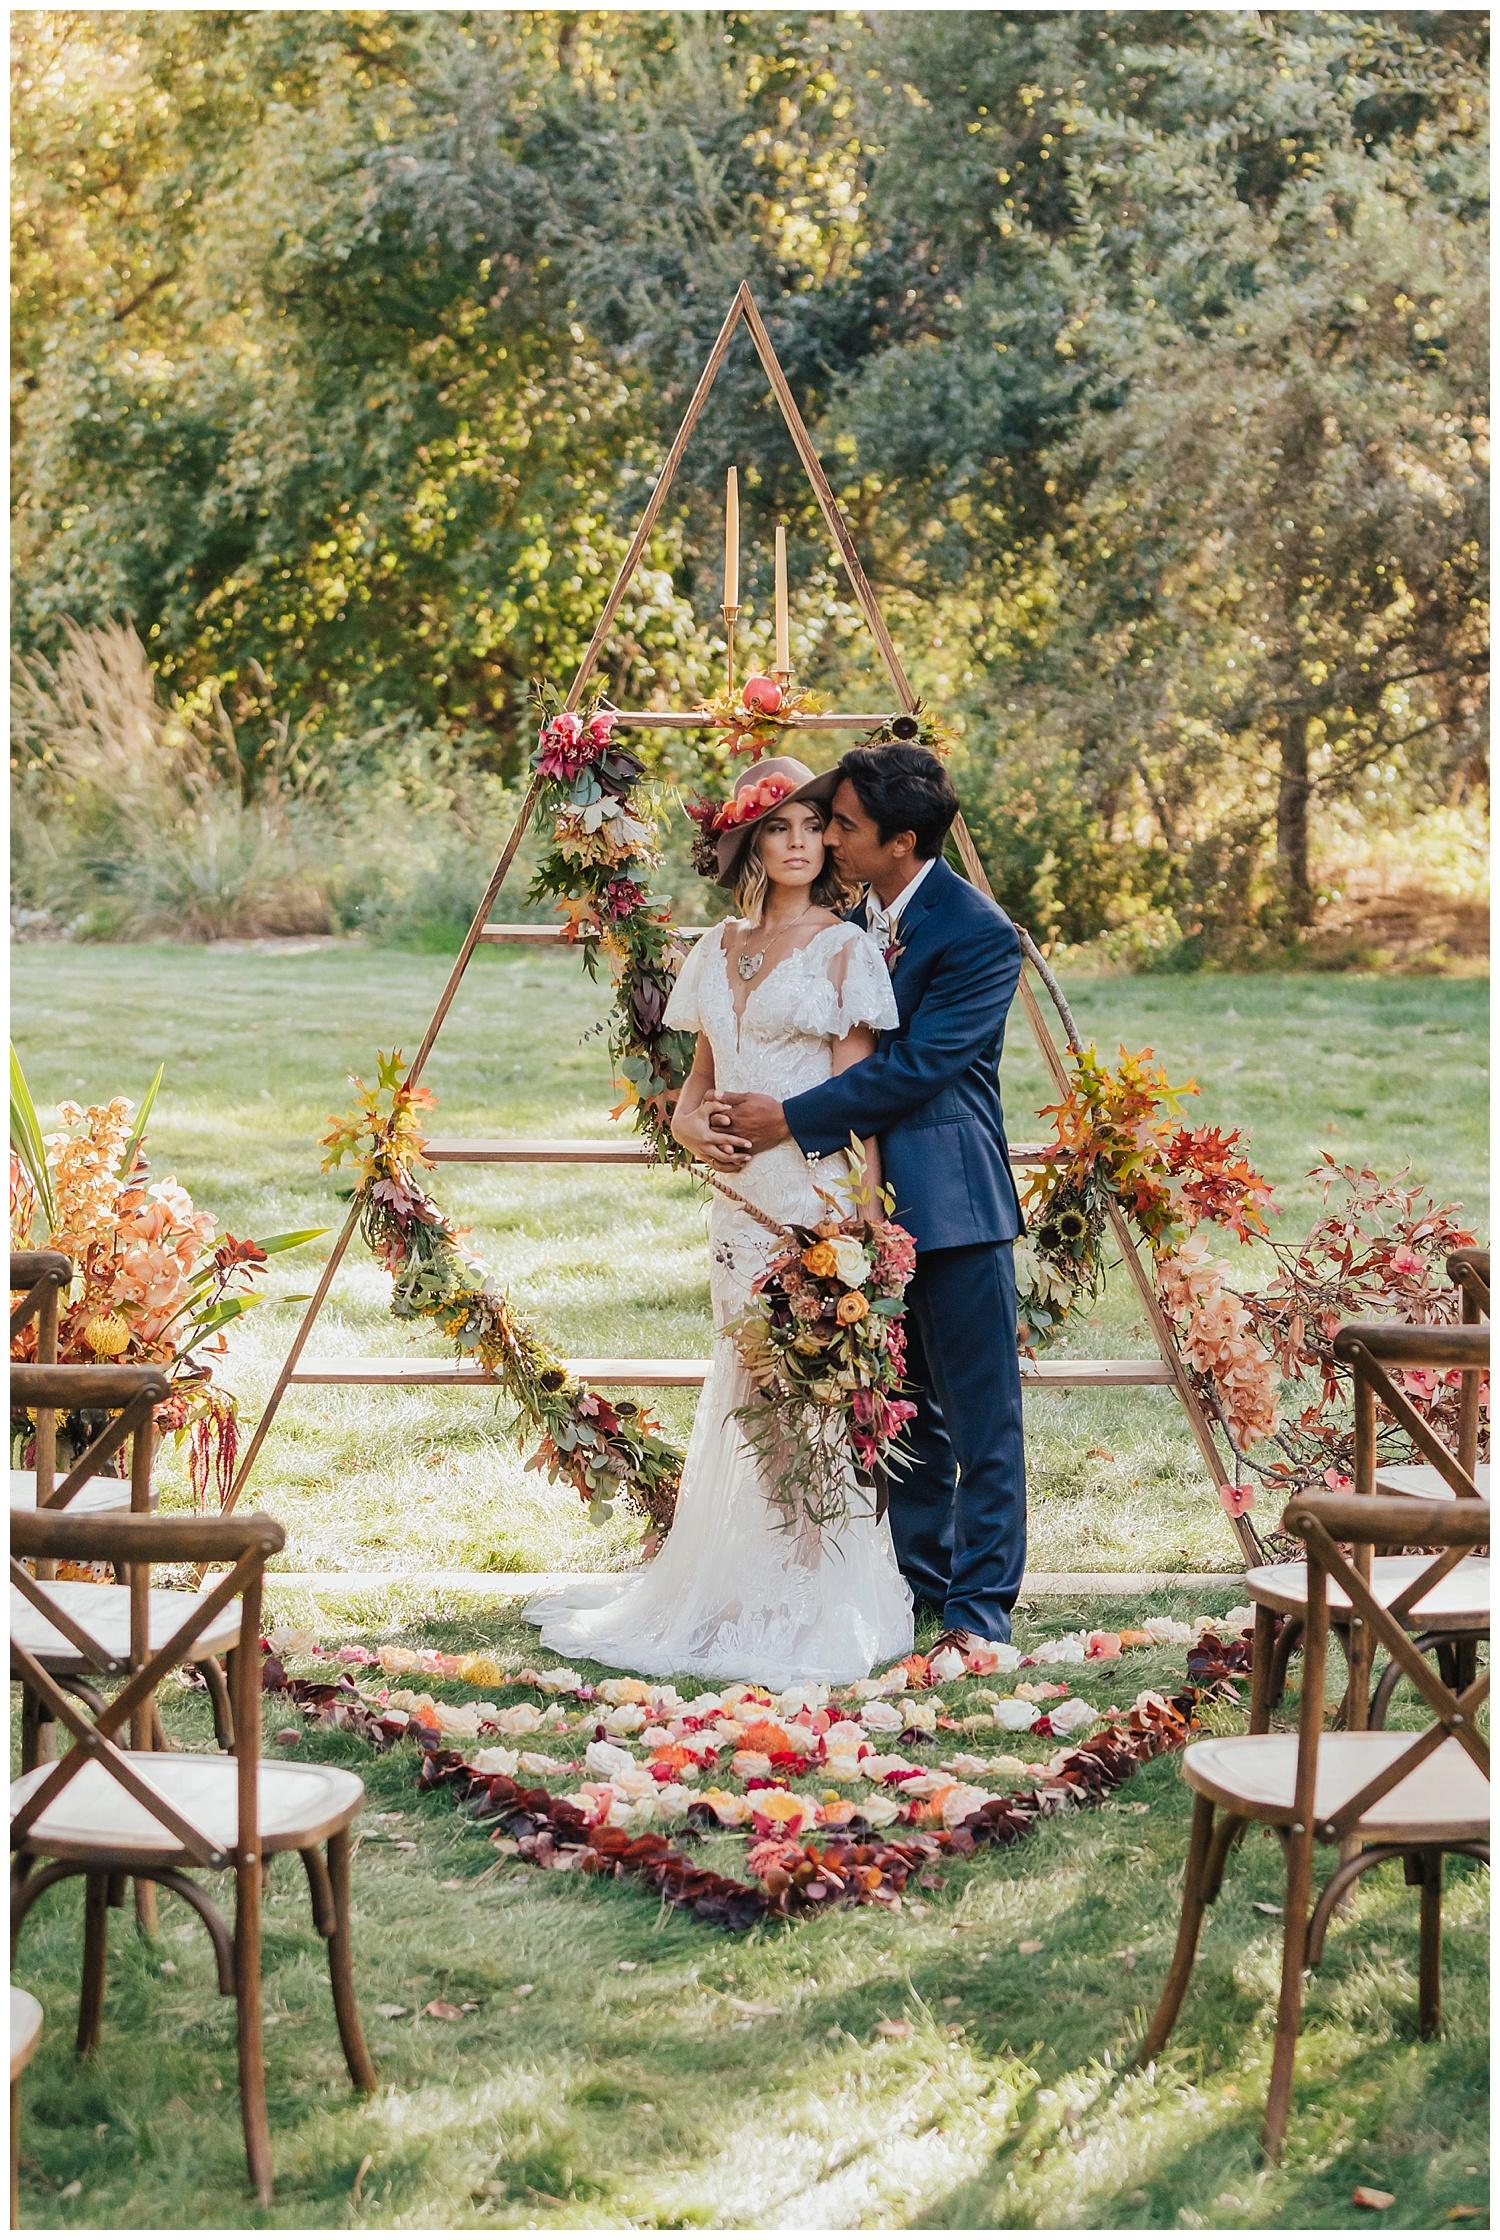 carol oliva photography boho bridal wedding